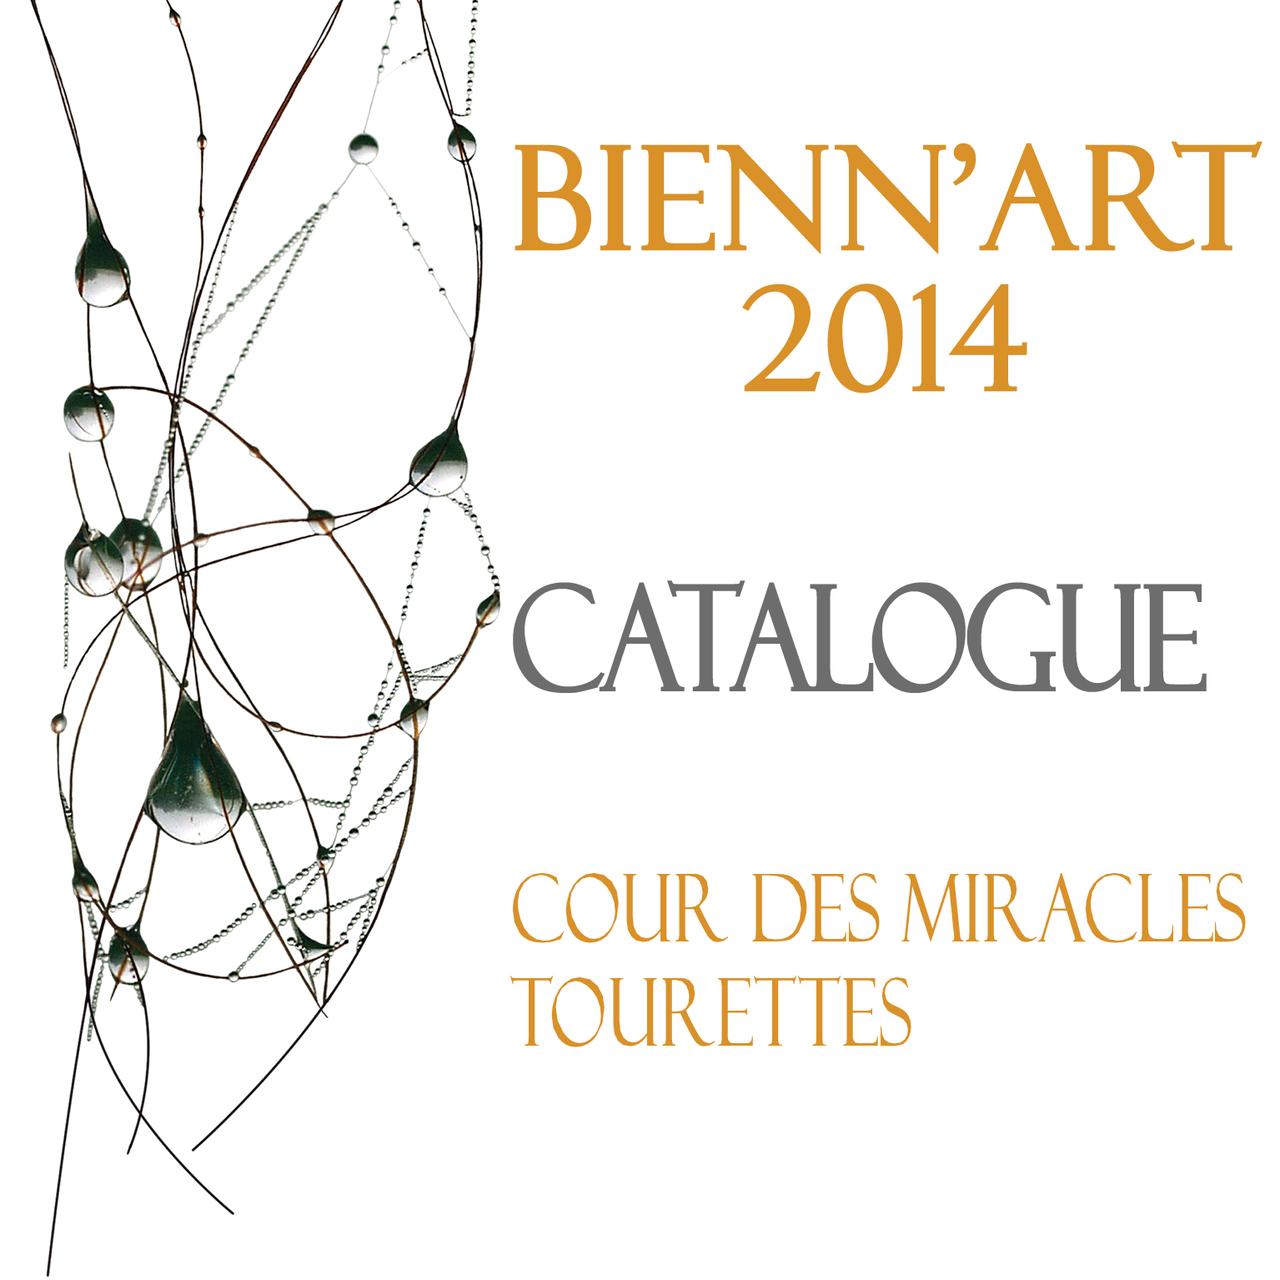 Cour des Miracles et mini-salon du couteau d'art - Bienn'Art 2014 - 12 au 15 juin 2014 Tournon-sur-Rhône